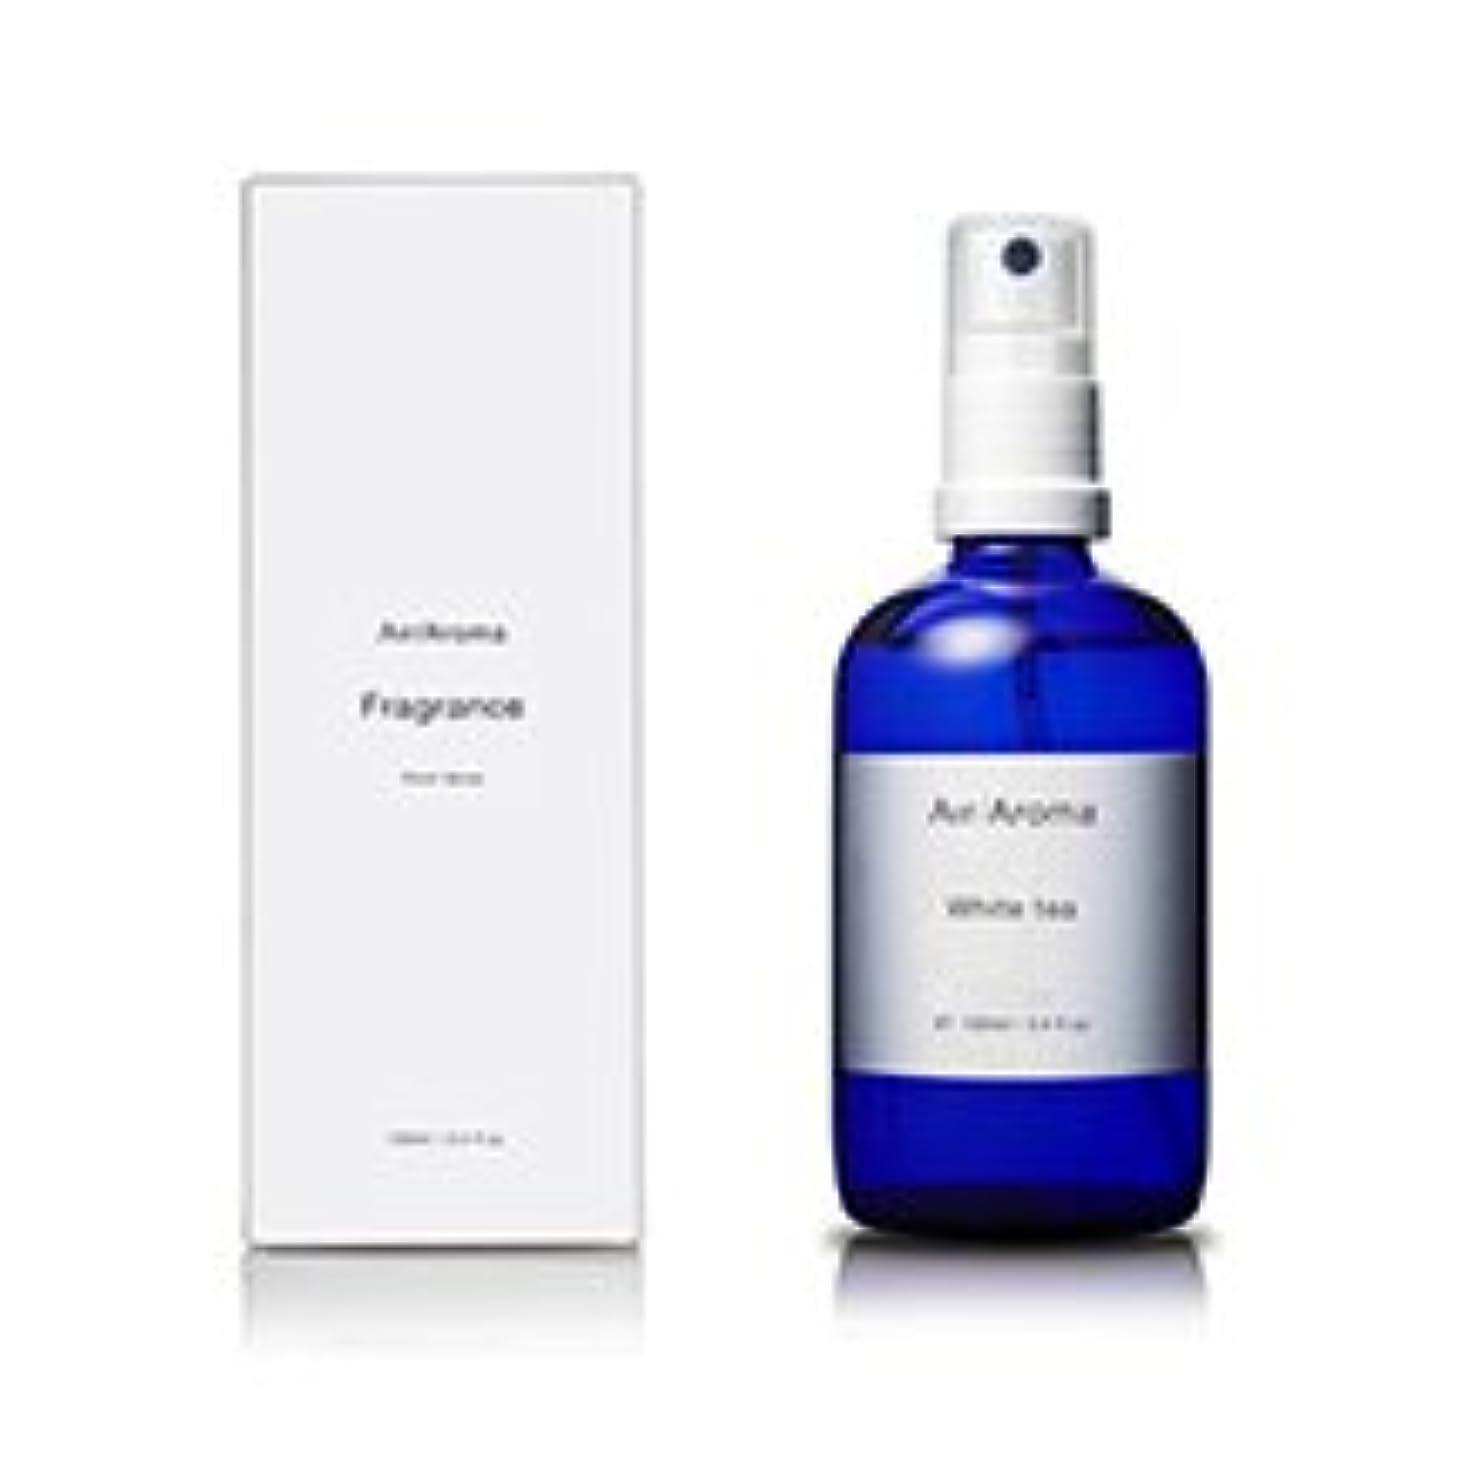 熟考する現代の欠かせないエアアロマ white tea room fragrance(ホワイトティ ルームフレグランス)100ml